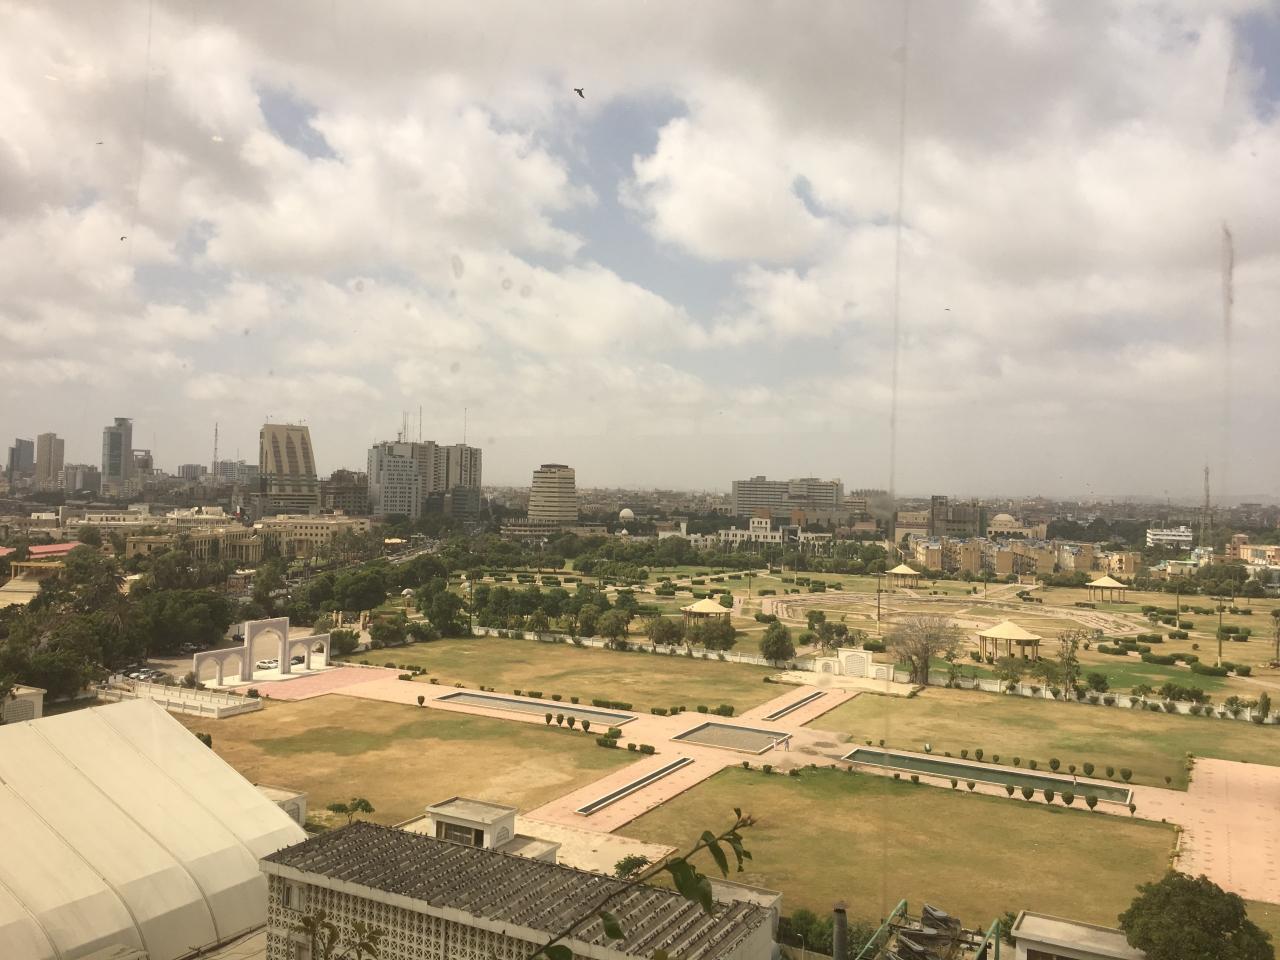 2017, 28 - 29 September: Corporate Governance Workshop - Karachi 2018-11-15